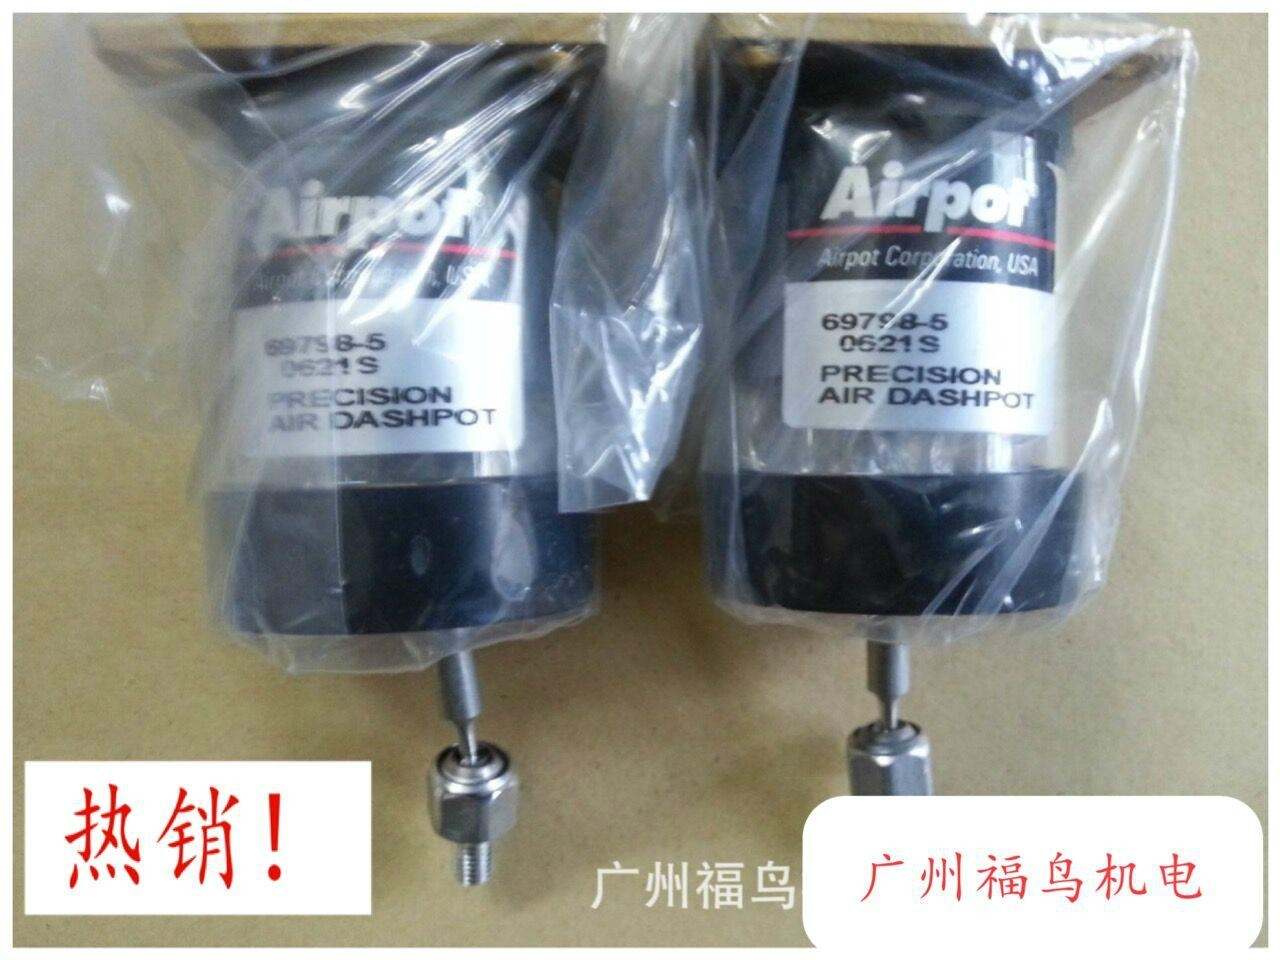 AIRPOT玻璃气缸,  型号: 69798-5